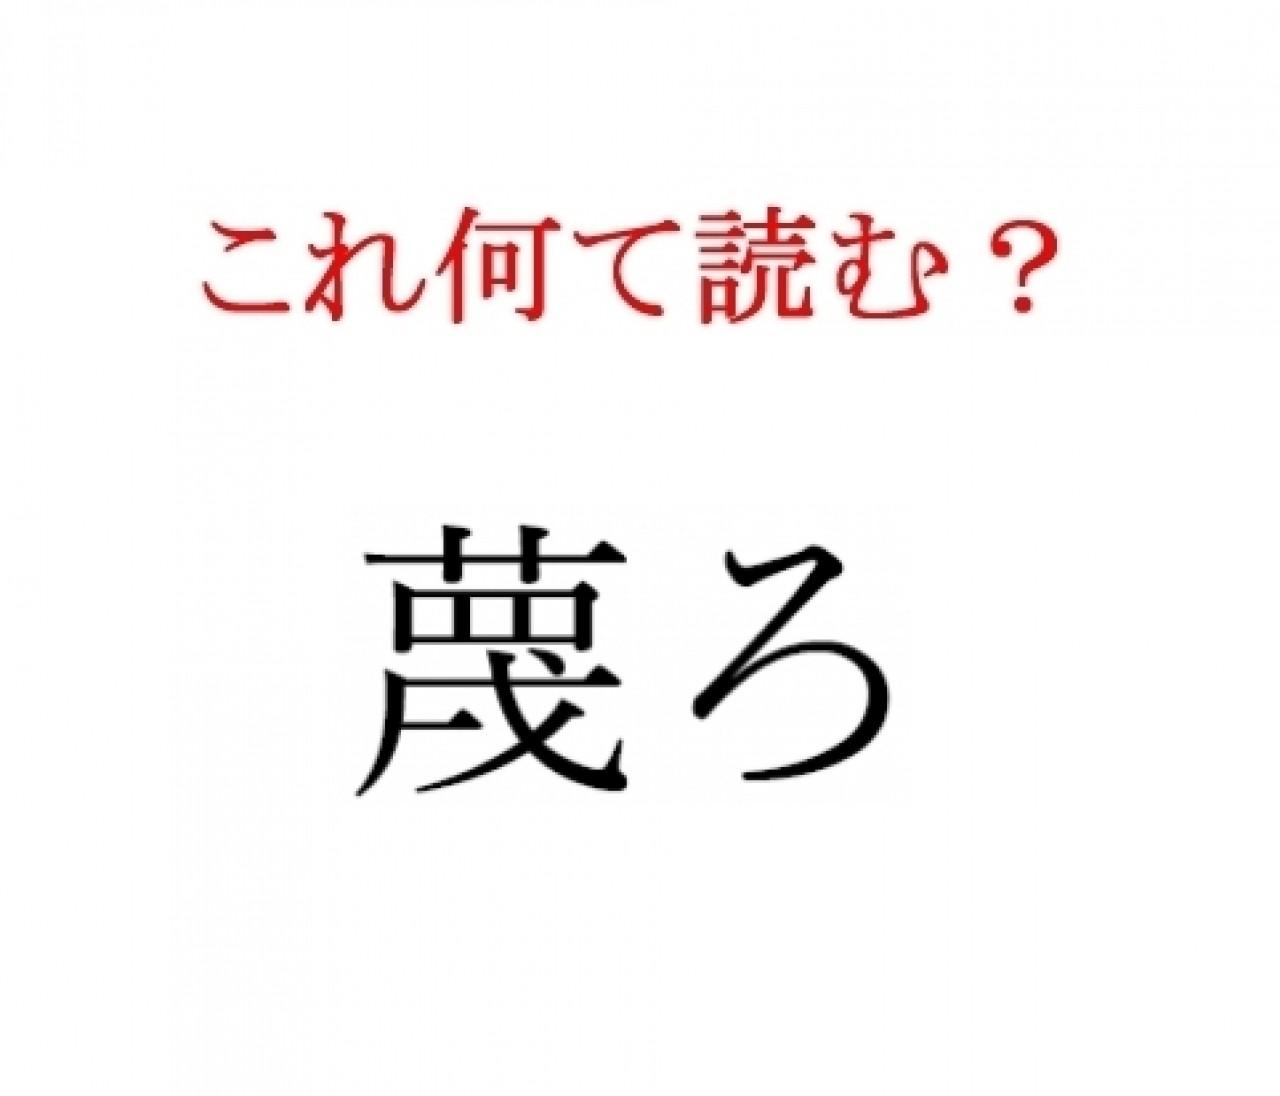 「蔑ろ」:この漢字、自信を持って読めますか?【働く大人の漢字クイズvol.6】